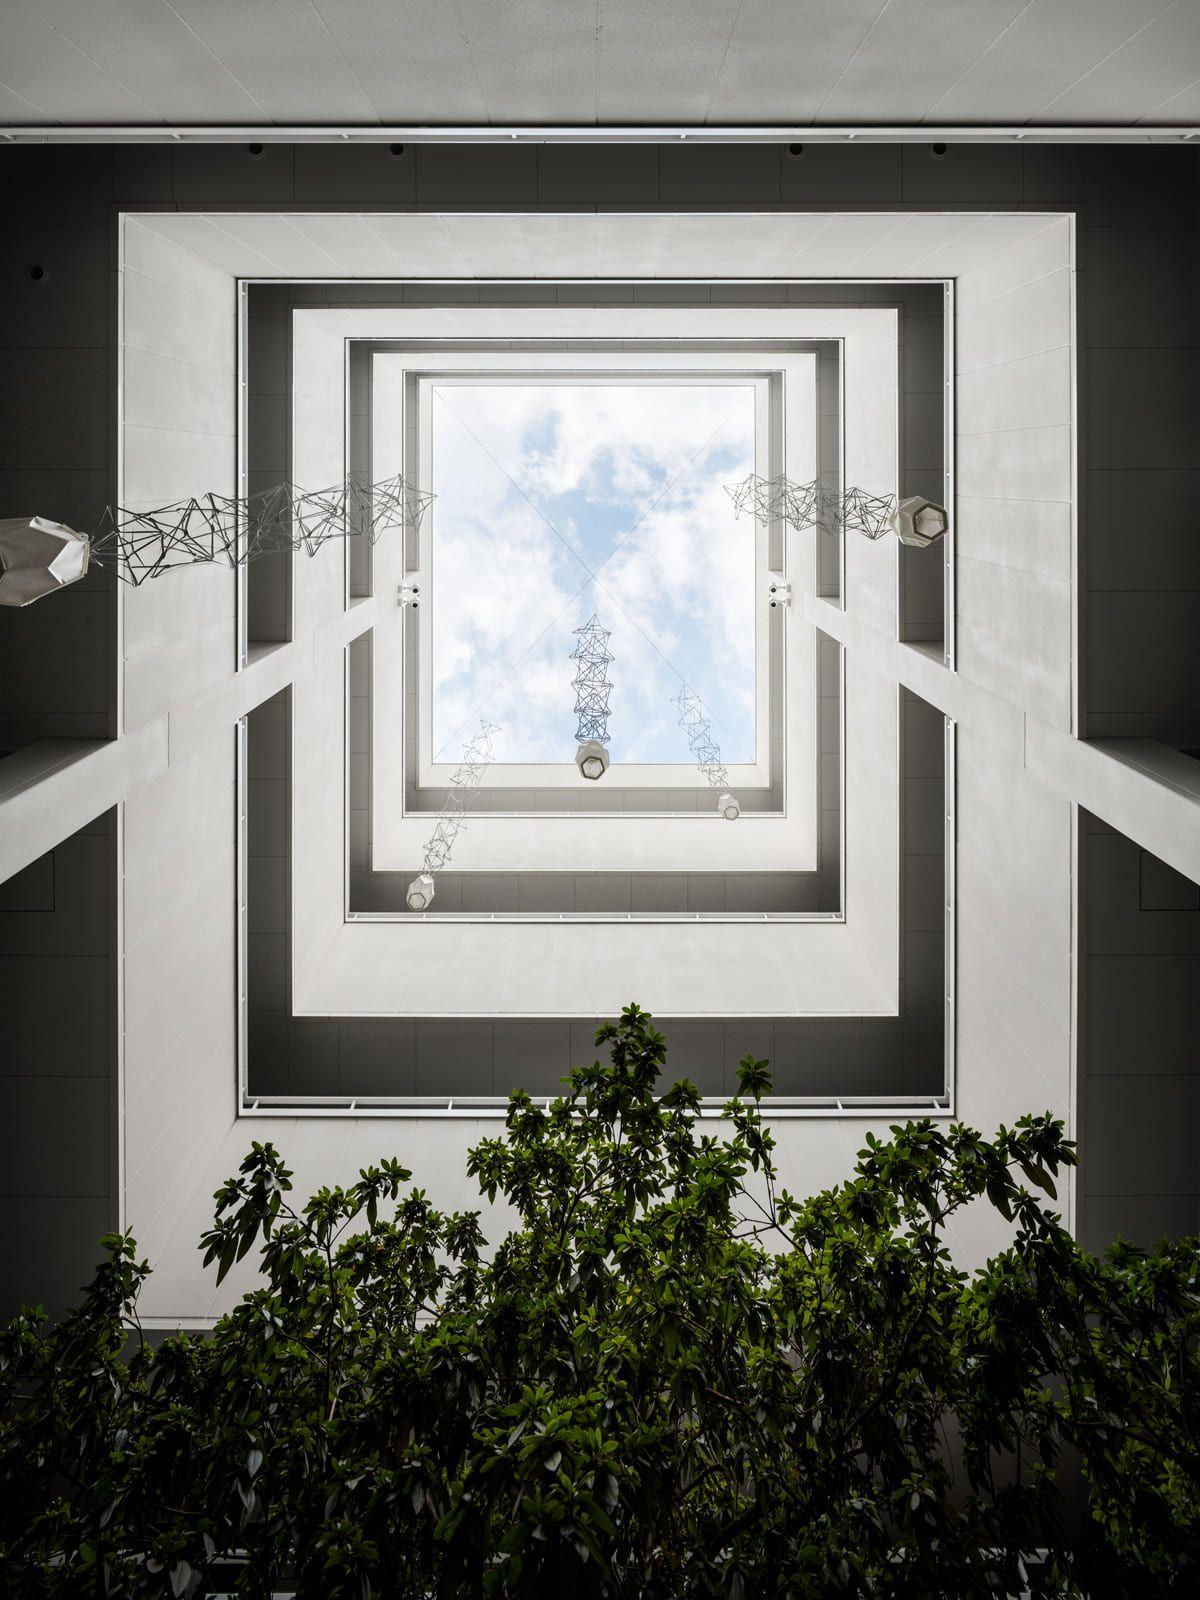 「富小路通 Ⅱ」の中庭。